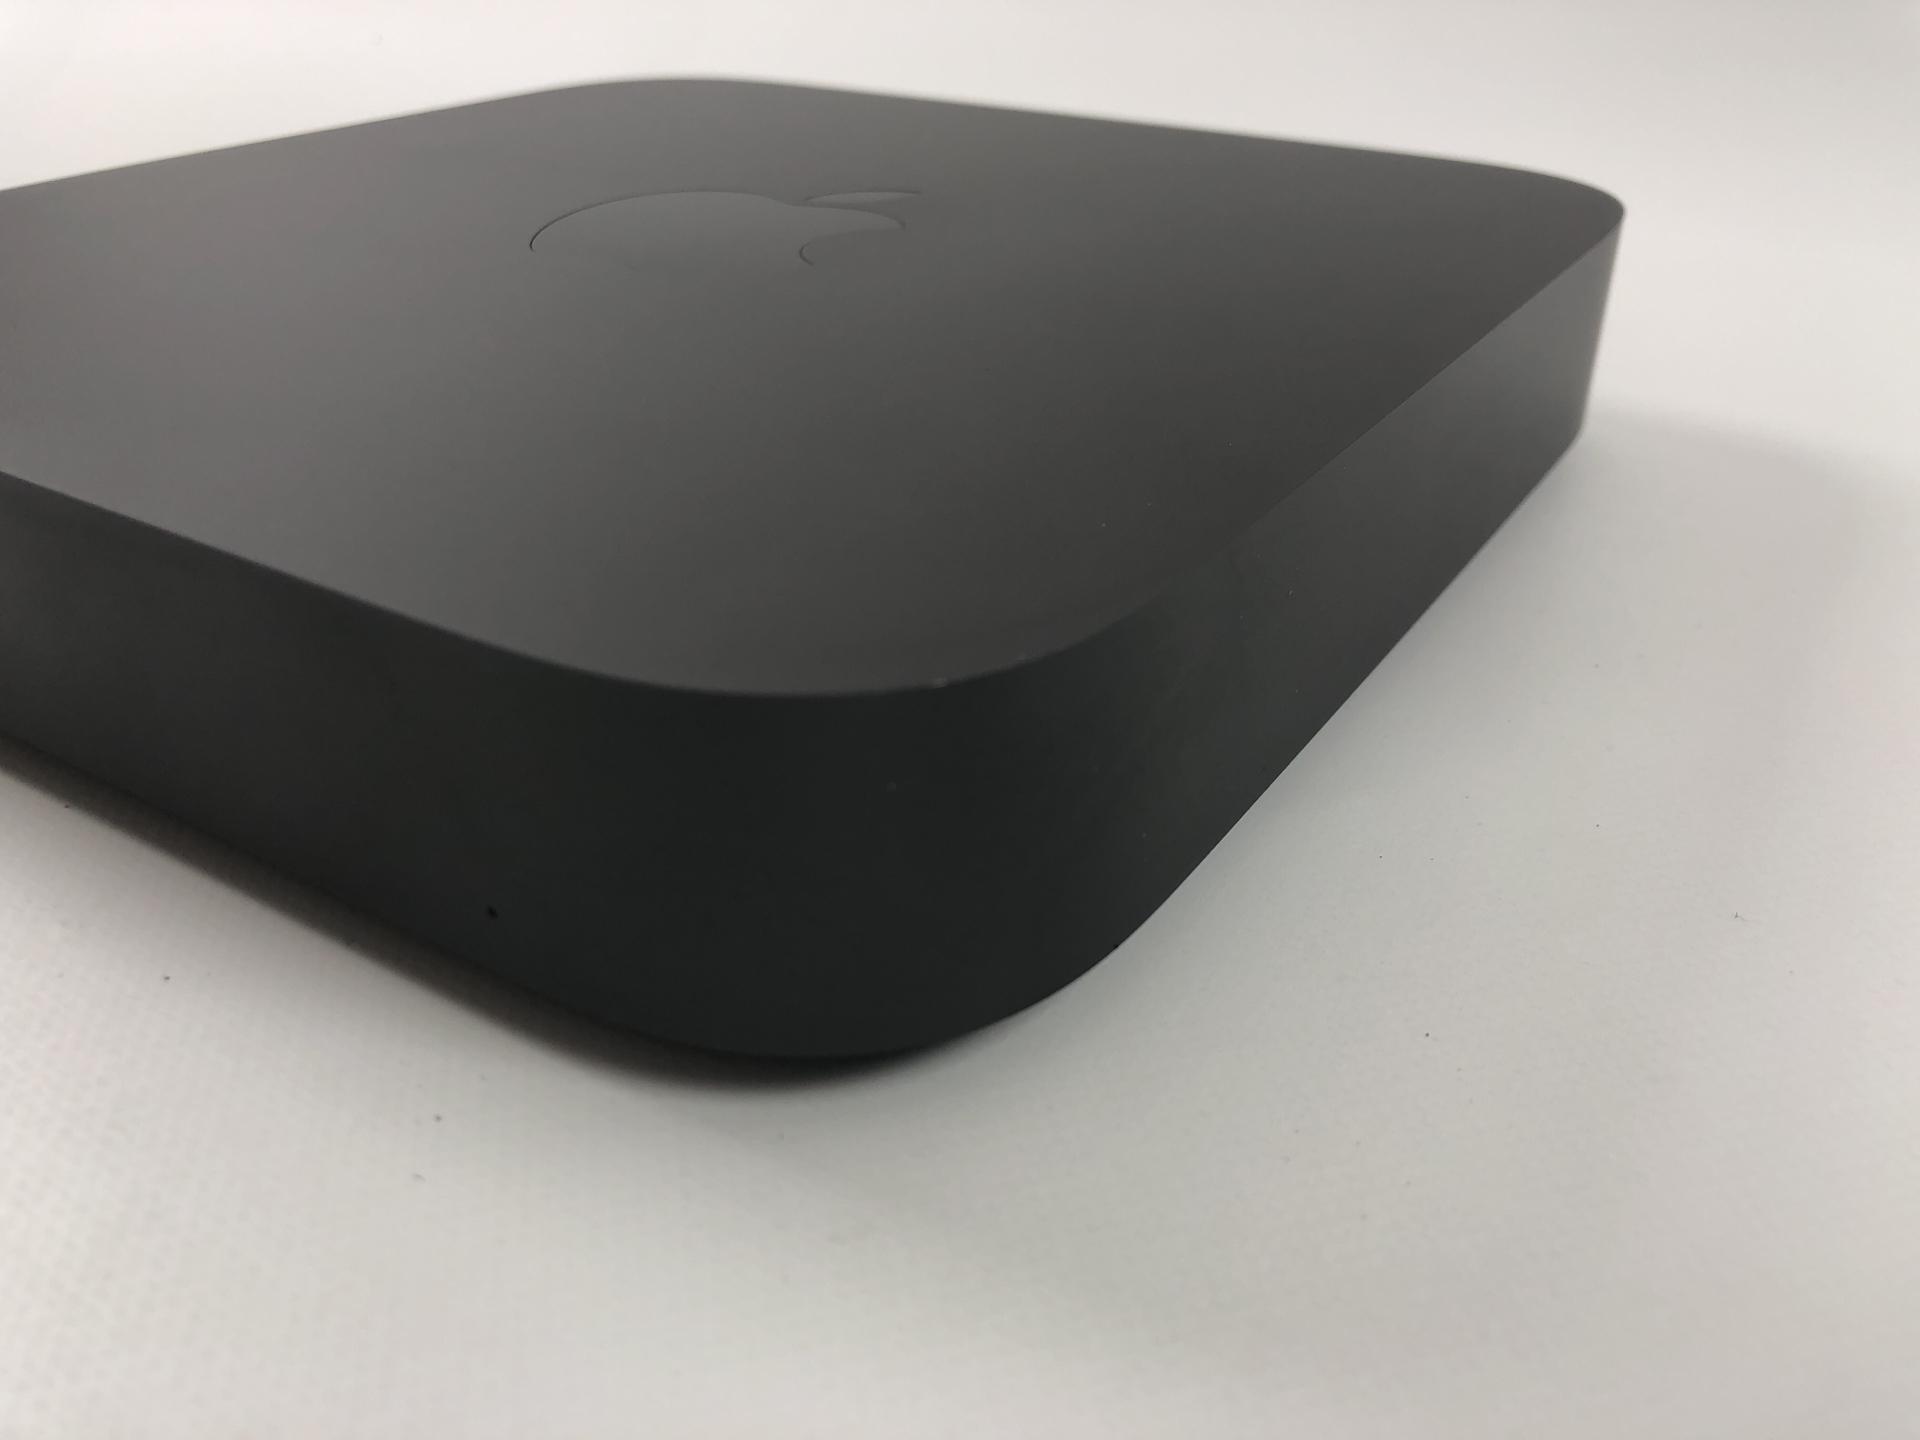 Mac Mini Late 2018 (Intel Quad-Core i3 3.6 GHz 64 GB RAM 128 GB SSD), Intel Quad-Core i3 3.6 GHz, 64 GB RAM, 128 GB SSD, imagen 3